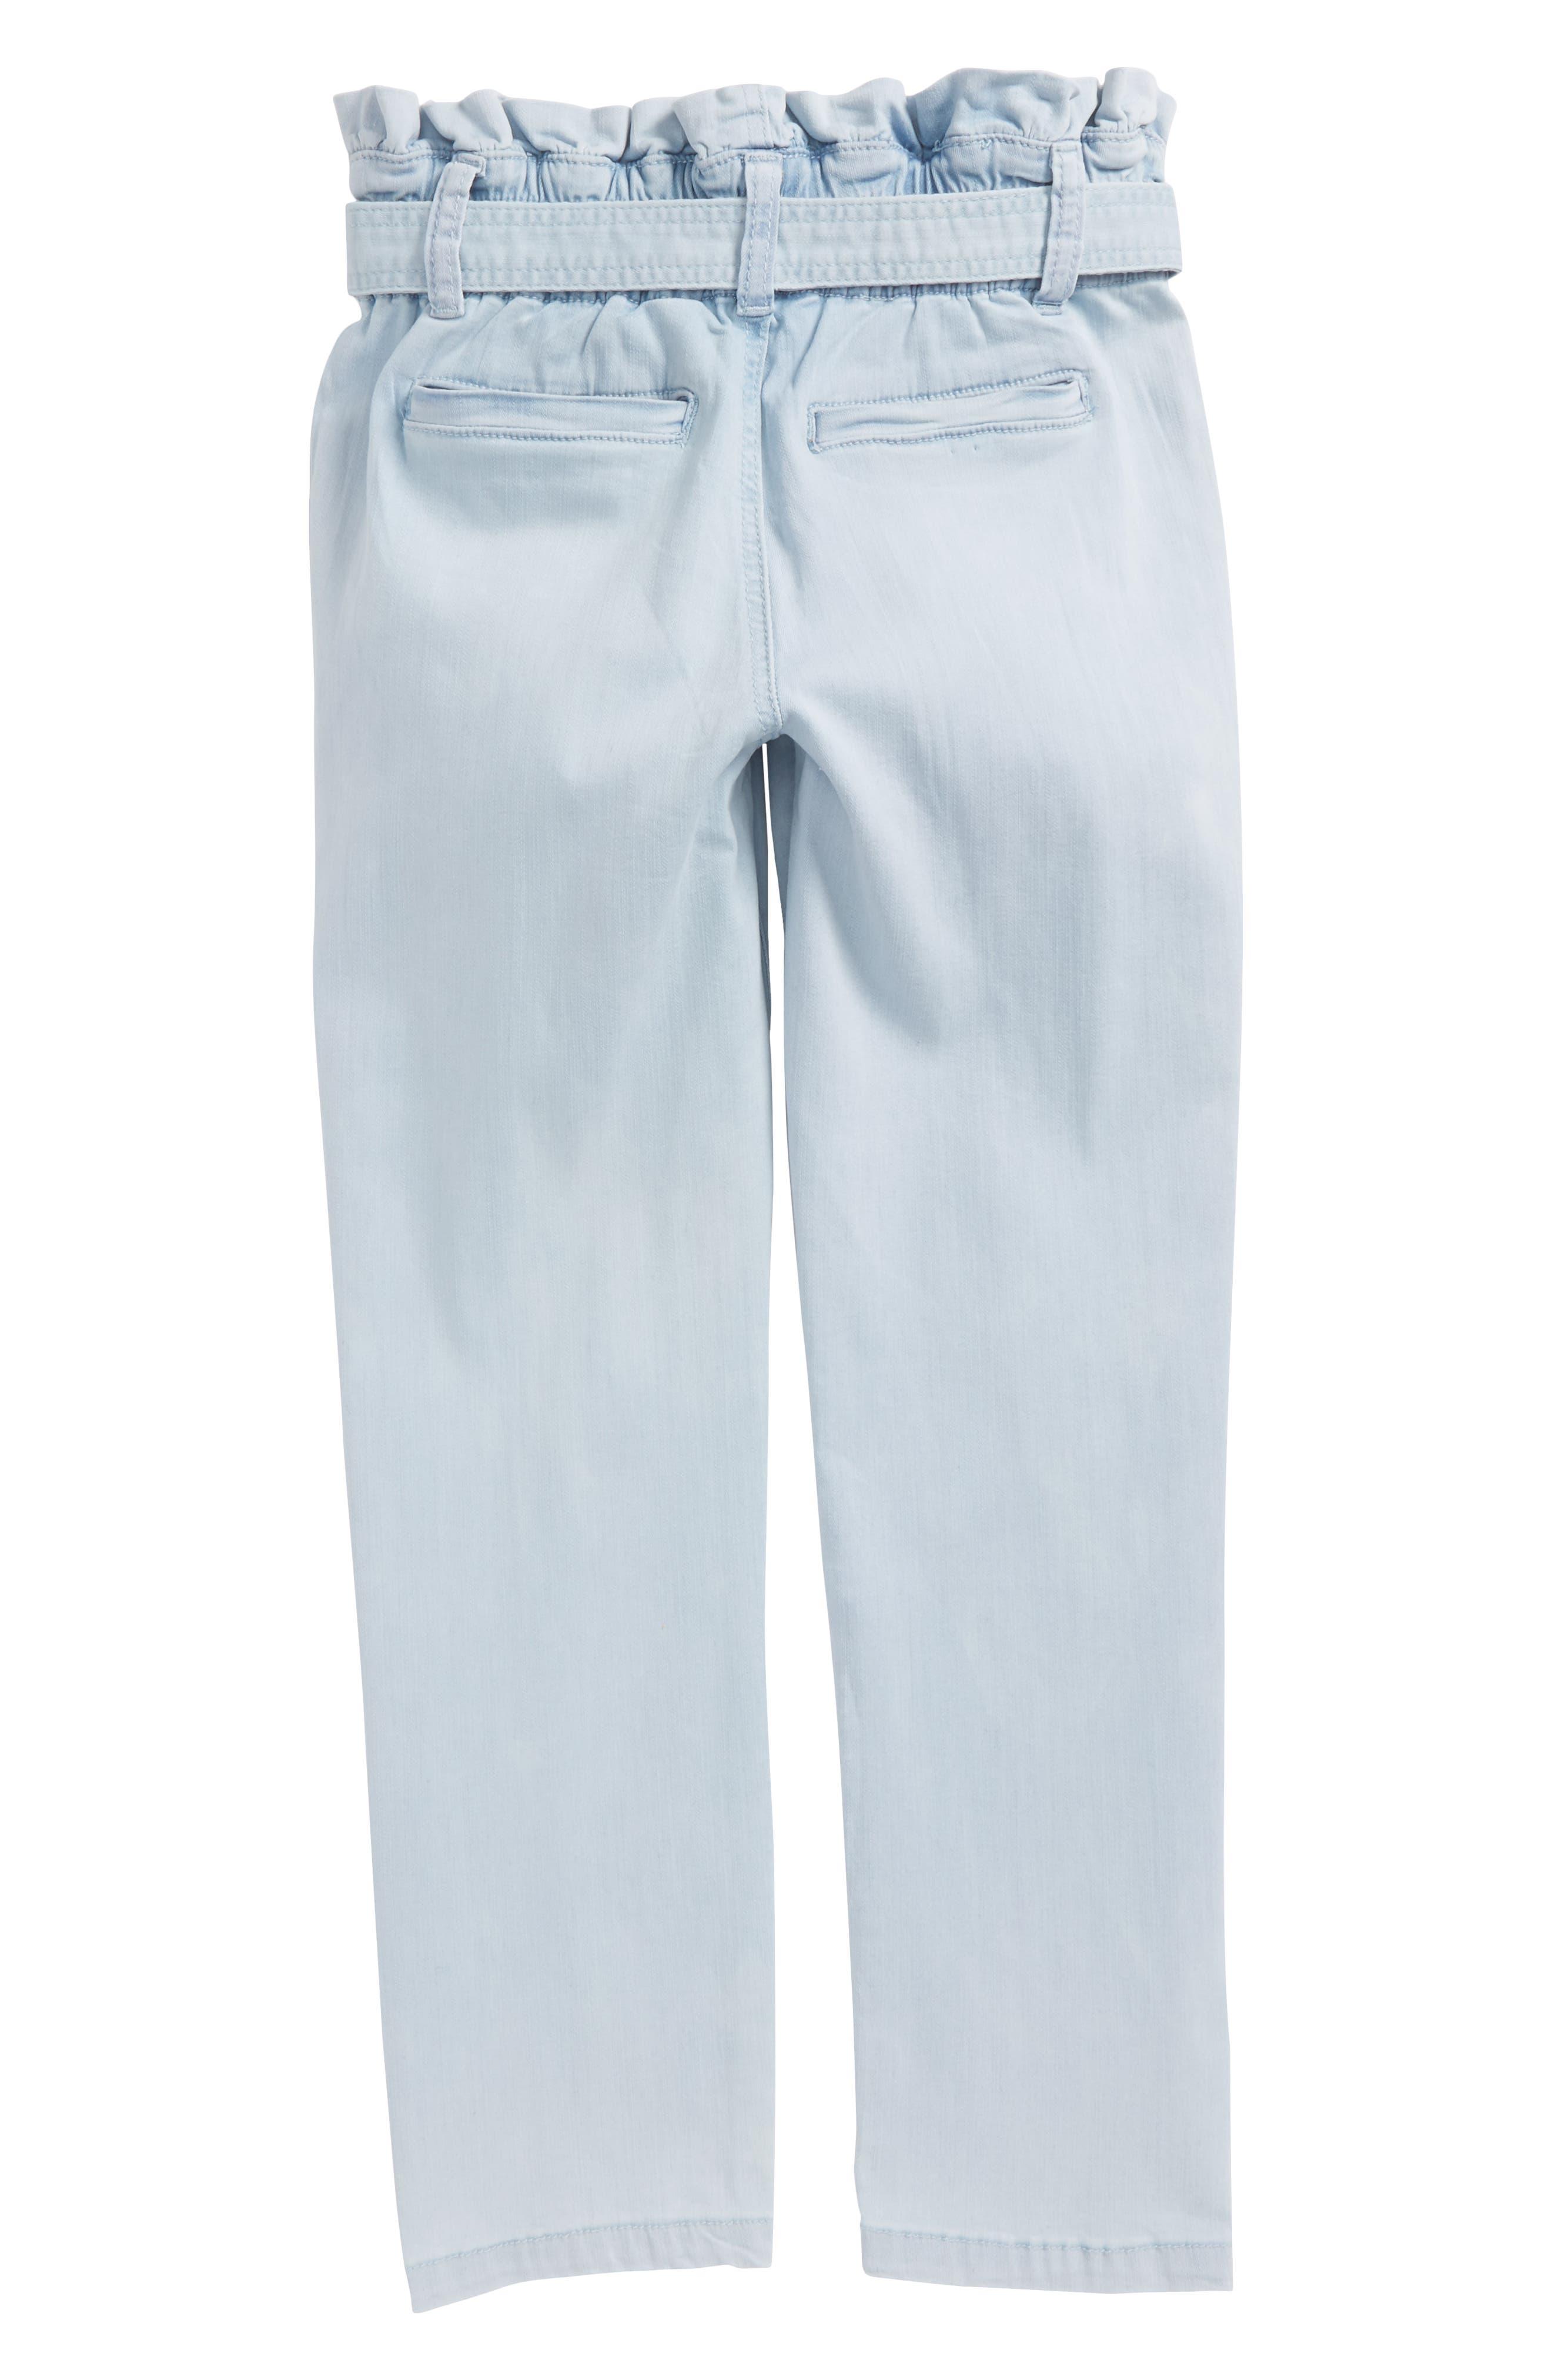 Paper Bag Crop Pants,                             Alternate thumbnail 2, color,                             Sun Bleached